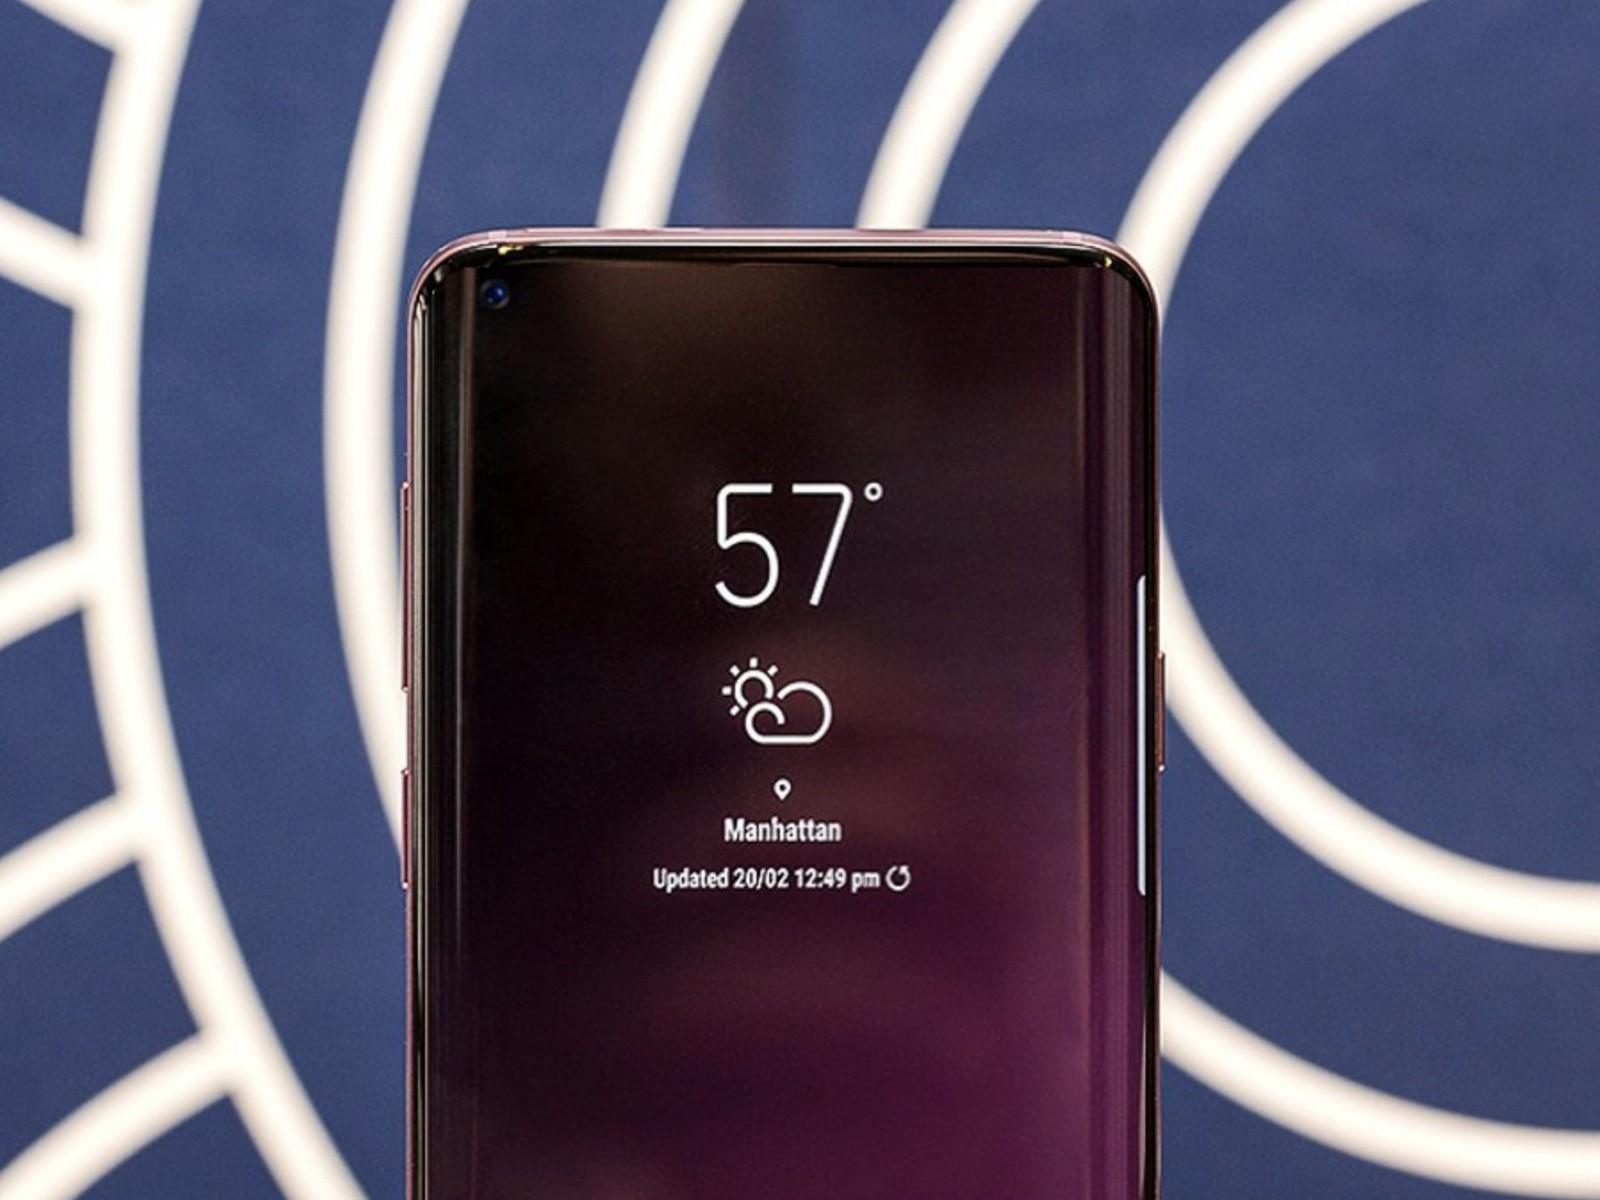 Galaxy S10 sẽ ra mắt vào tháng 02/2019 và giá từ 999 USD?